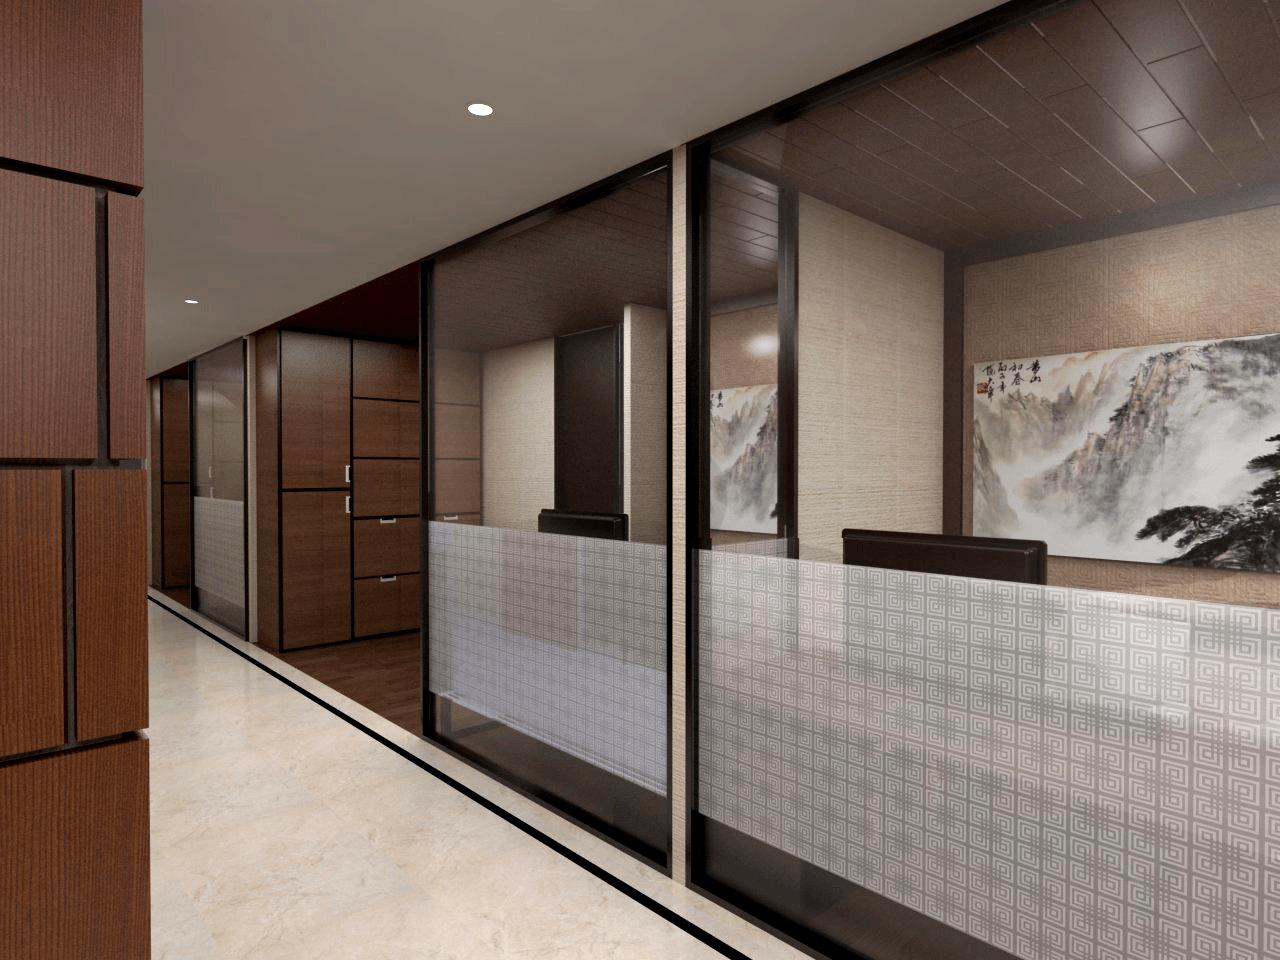 Pt. Garisprada Tcc Karet Karet Secretary-2 Klasik <P>Corridor. This Corridor Is The Main Sirculation To Reach All Board And Directors' Room. We Locate 1 Secretary Desk In Front Off All Directors And Board Room.</p> 25746